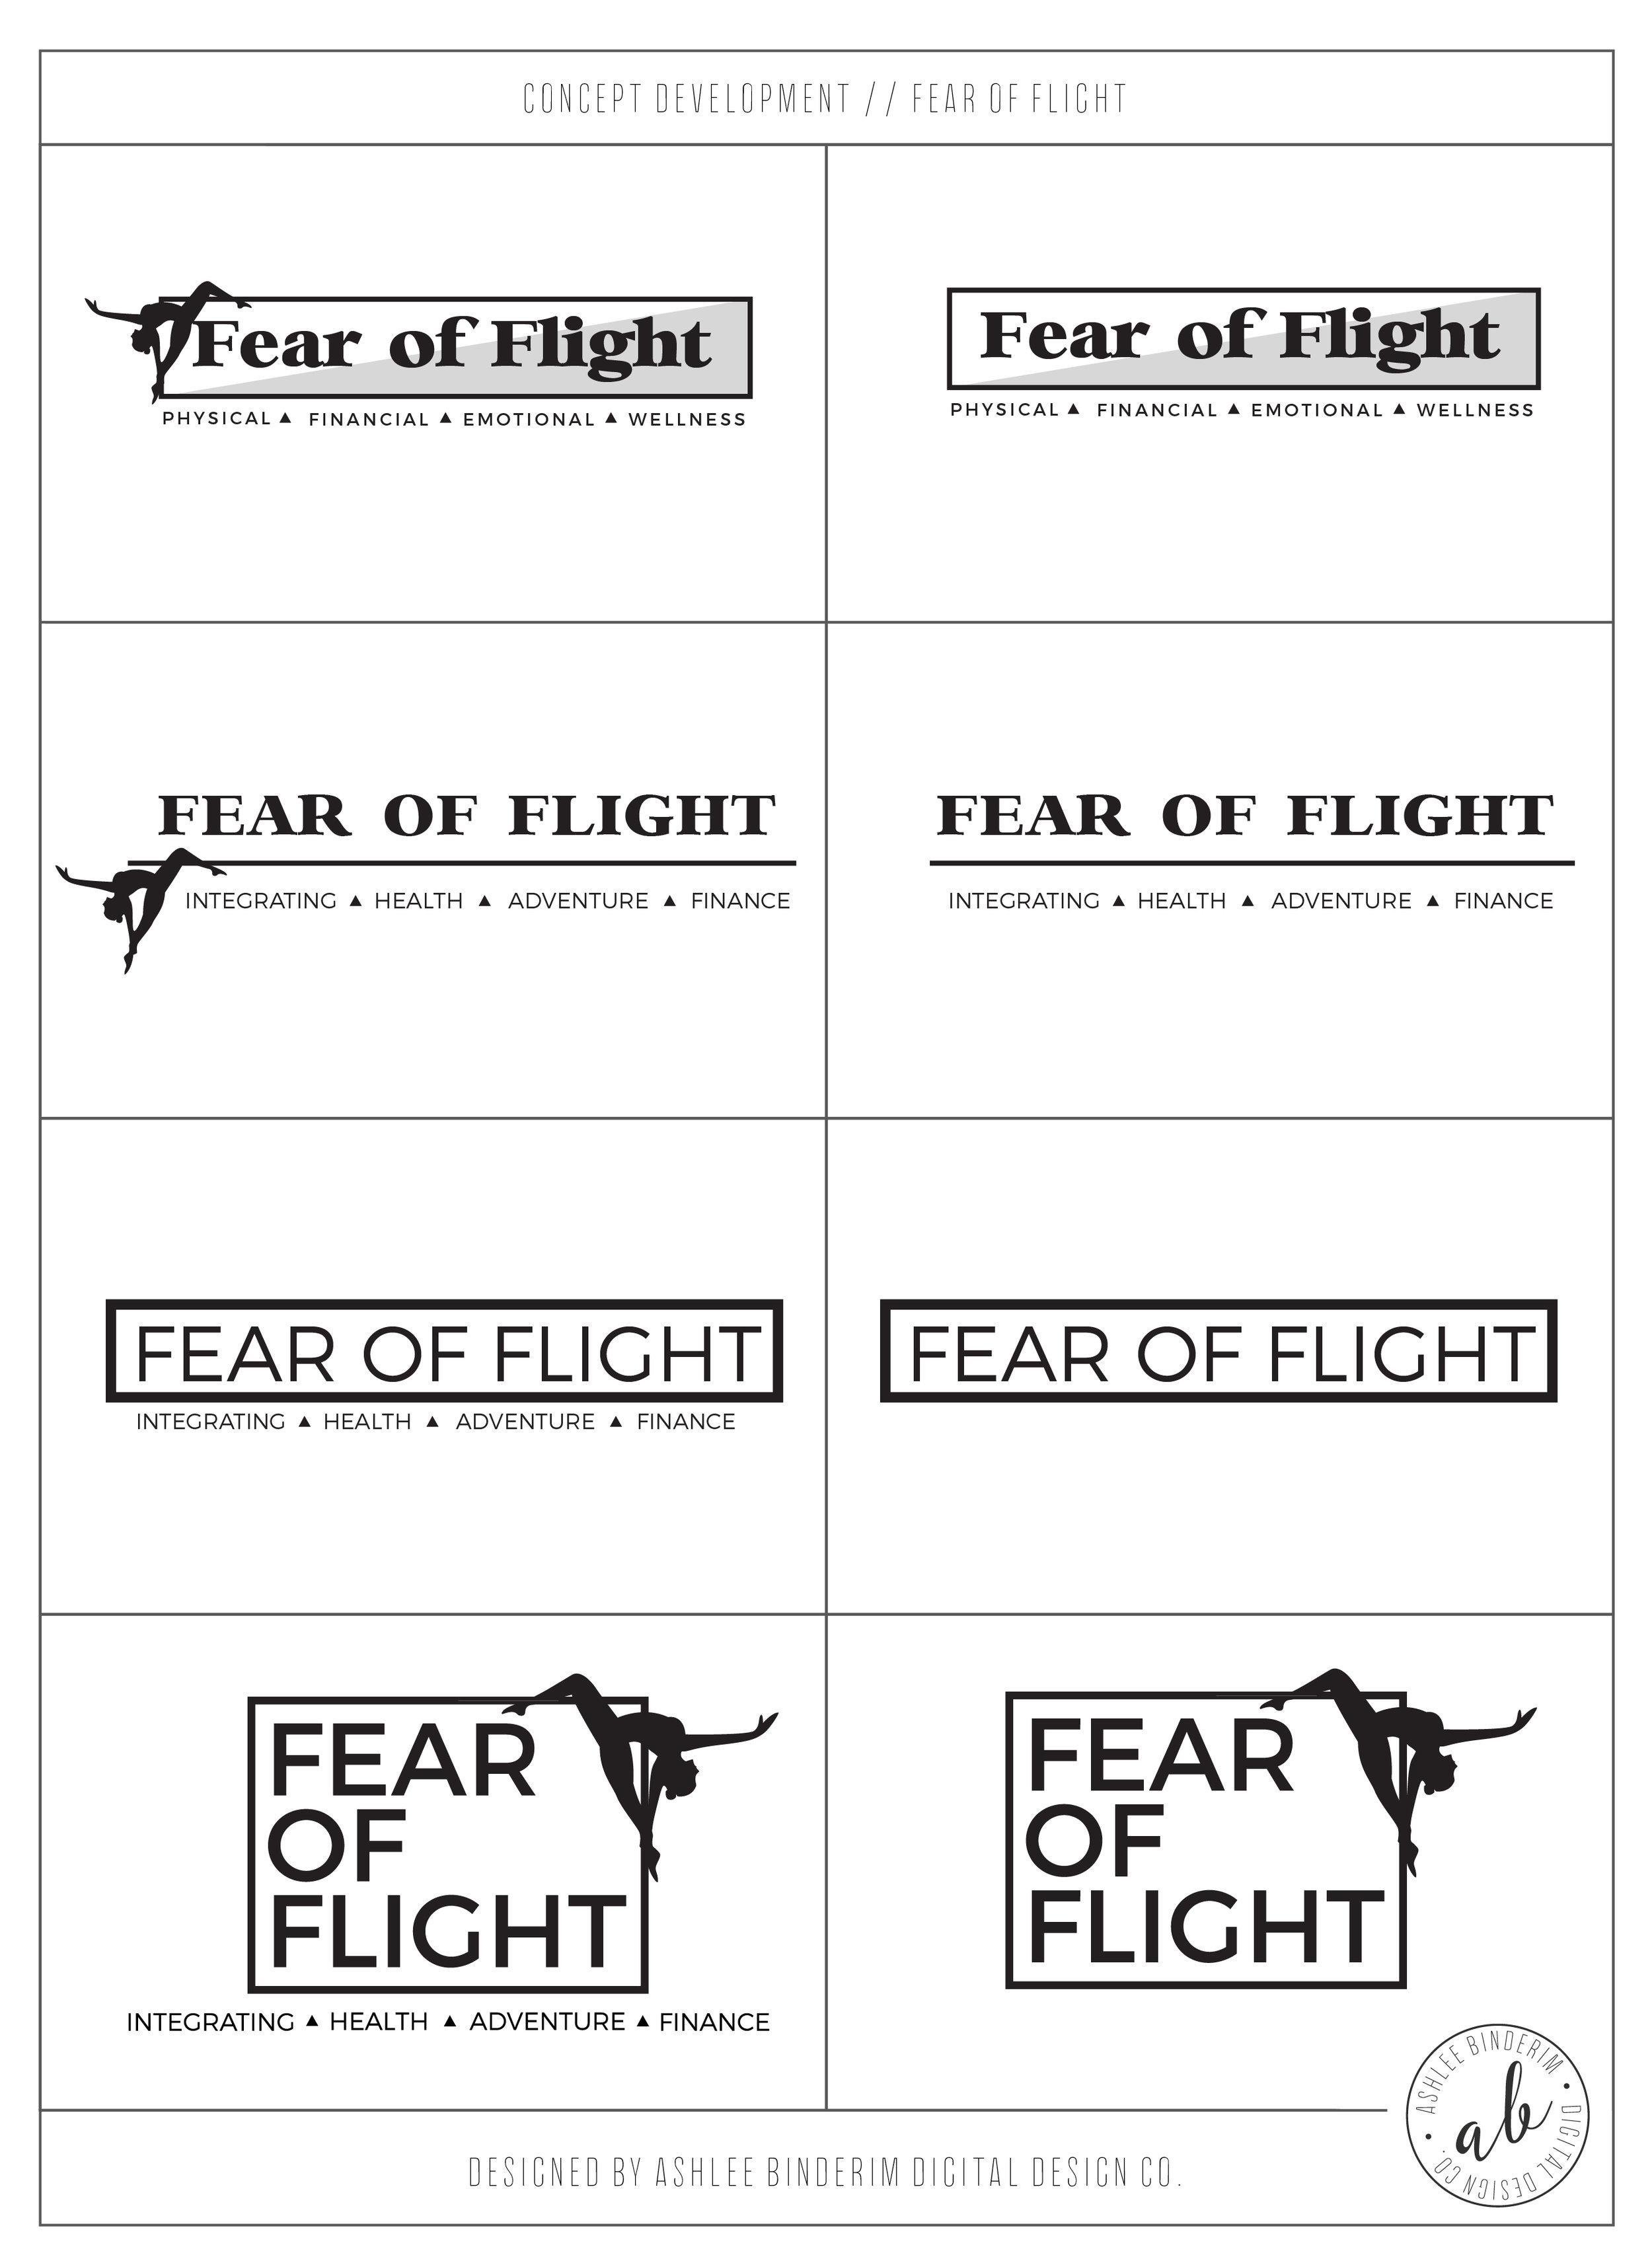 Fear Of Flight Concept Development